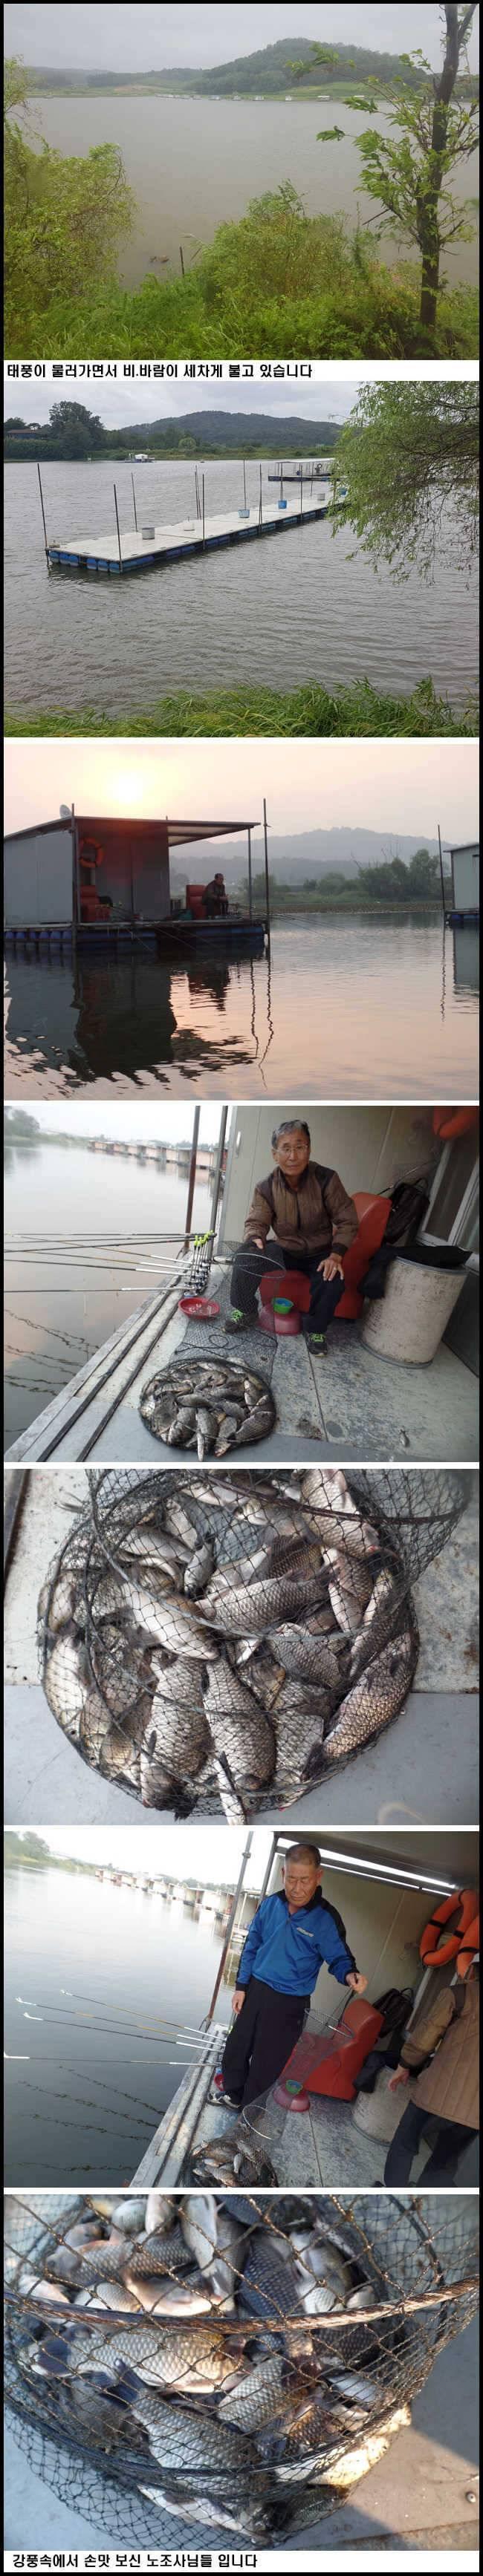 fish_pay_09563669.jpg